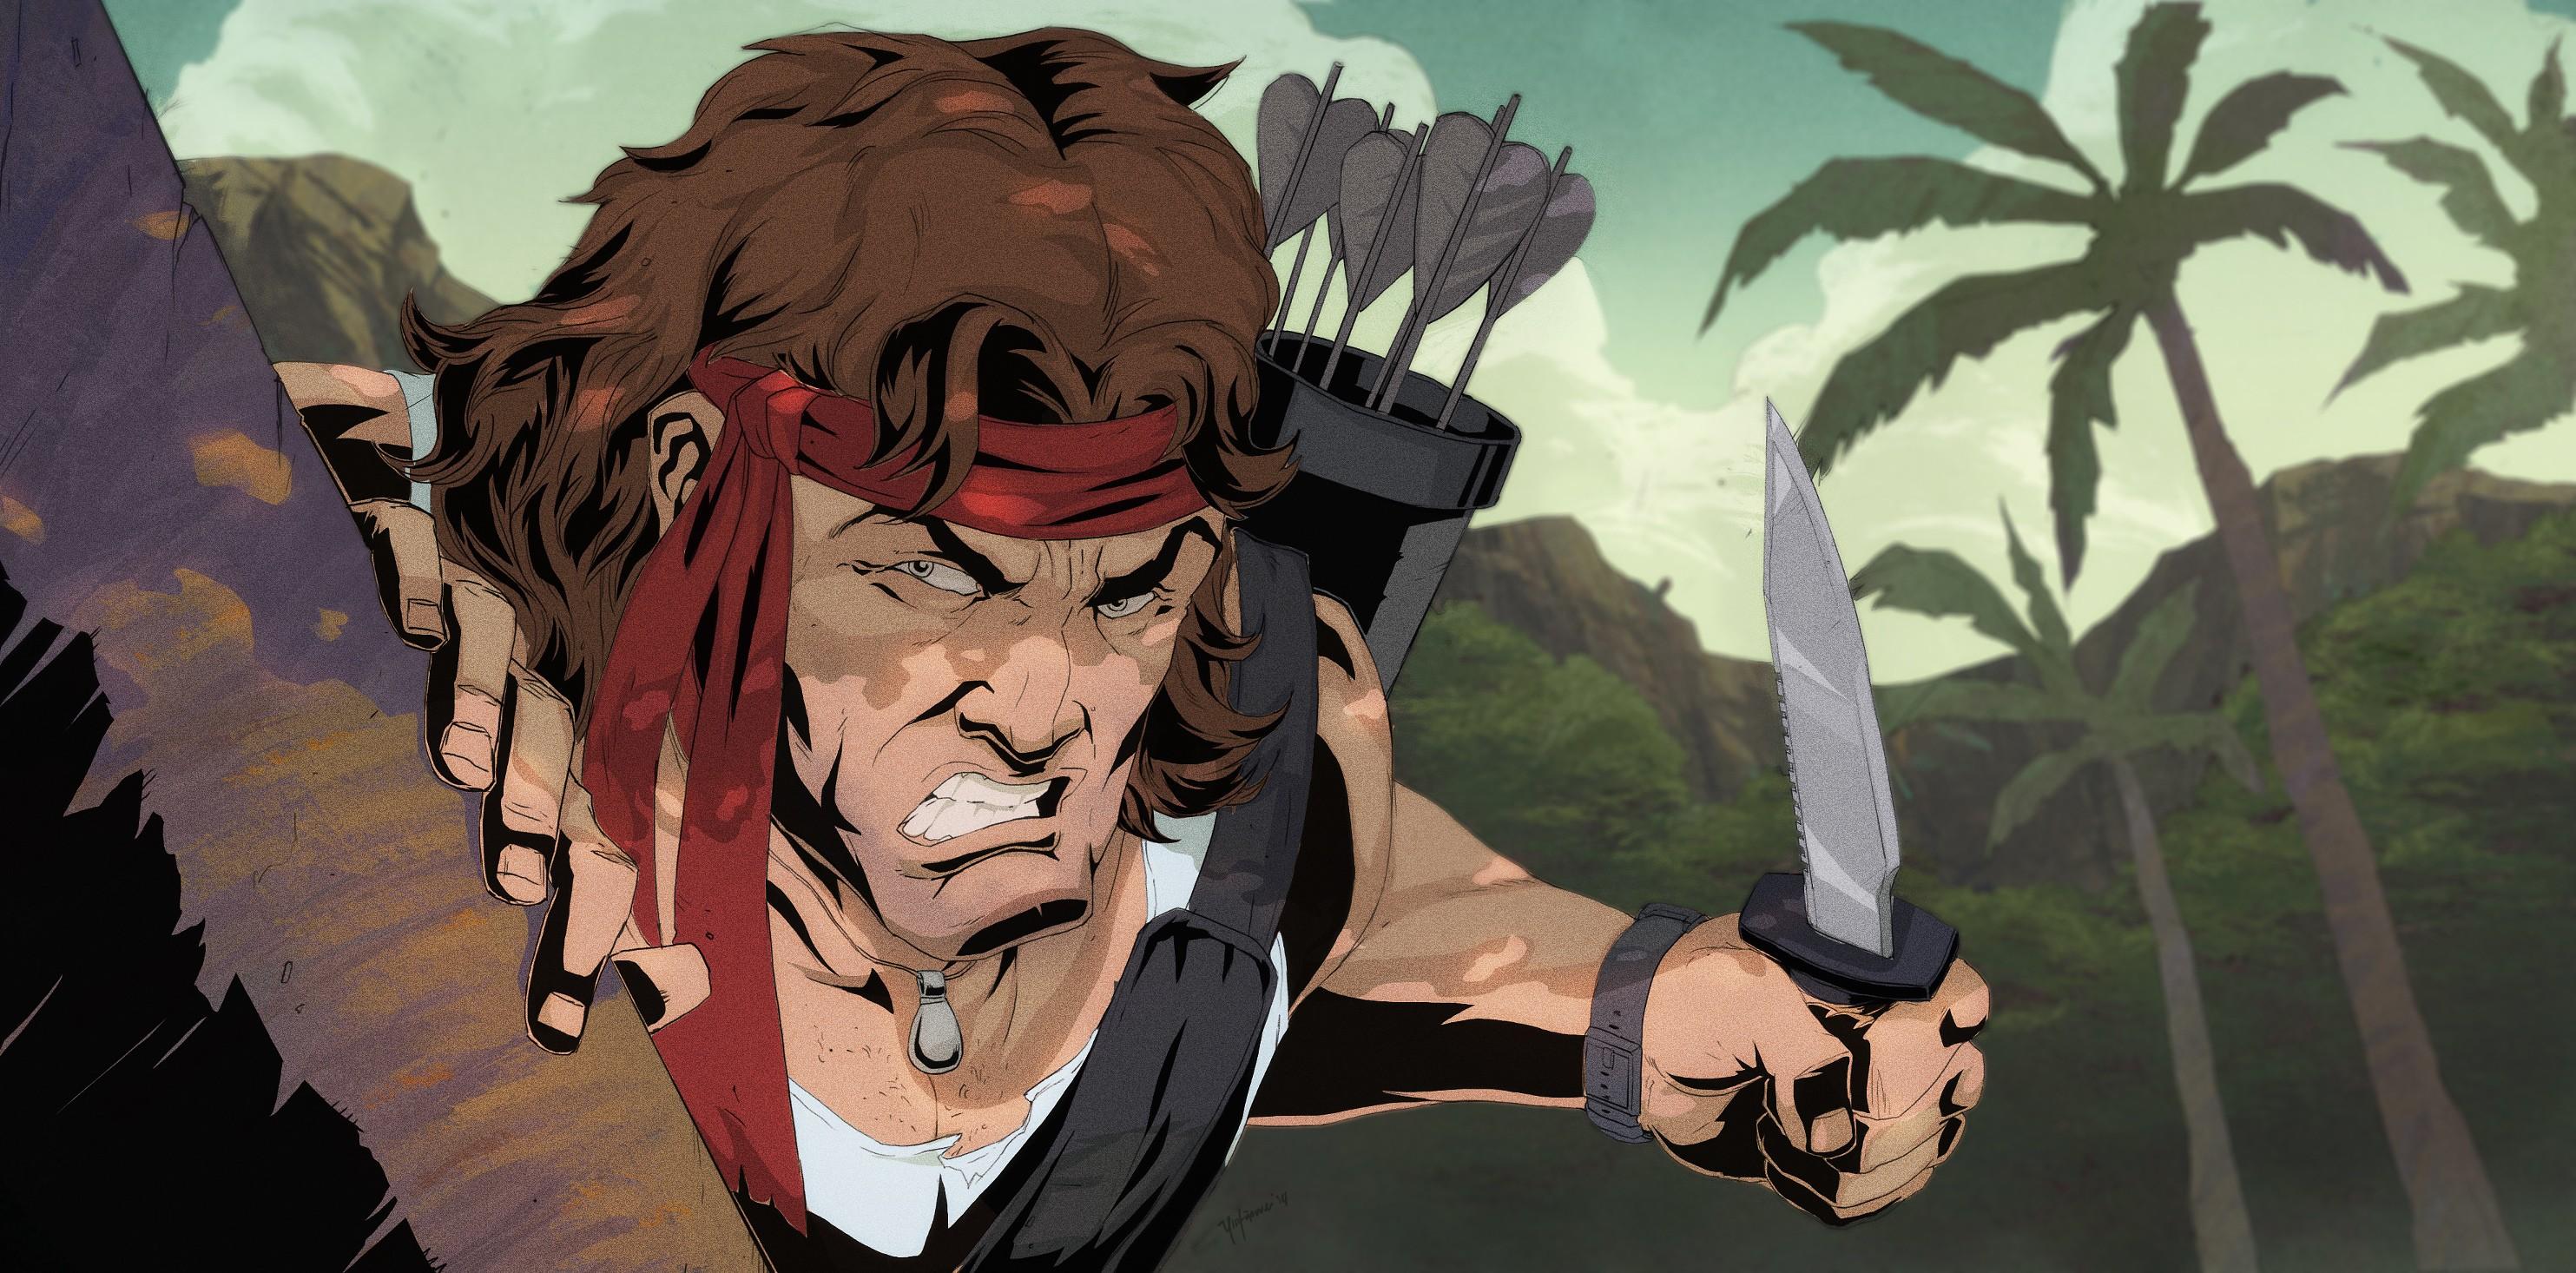 Fond d'écran : illustration, Anime, ouvrages d'art, Fan art, des bandes dessinées, Rambo ...